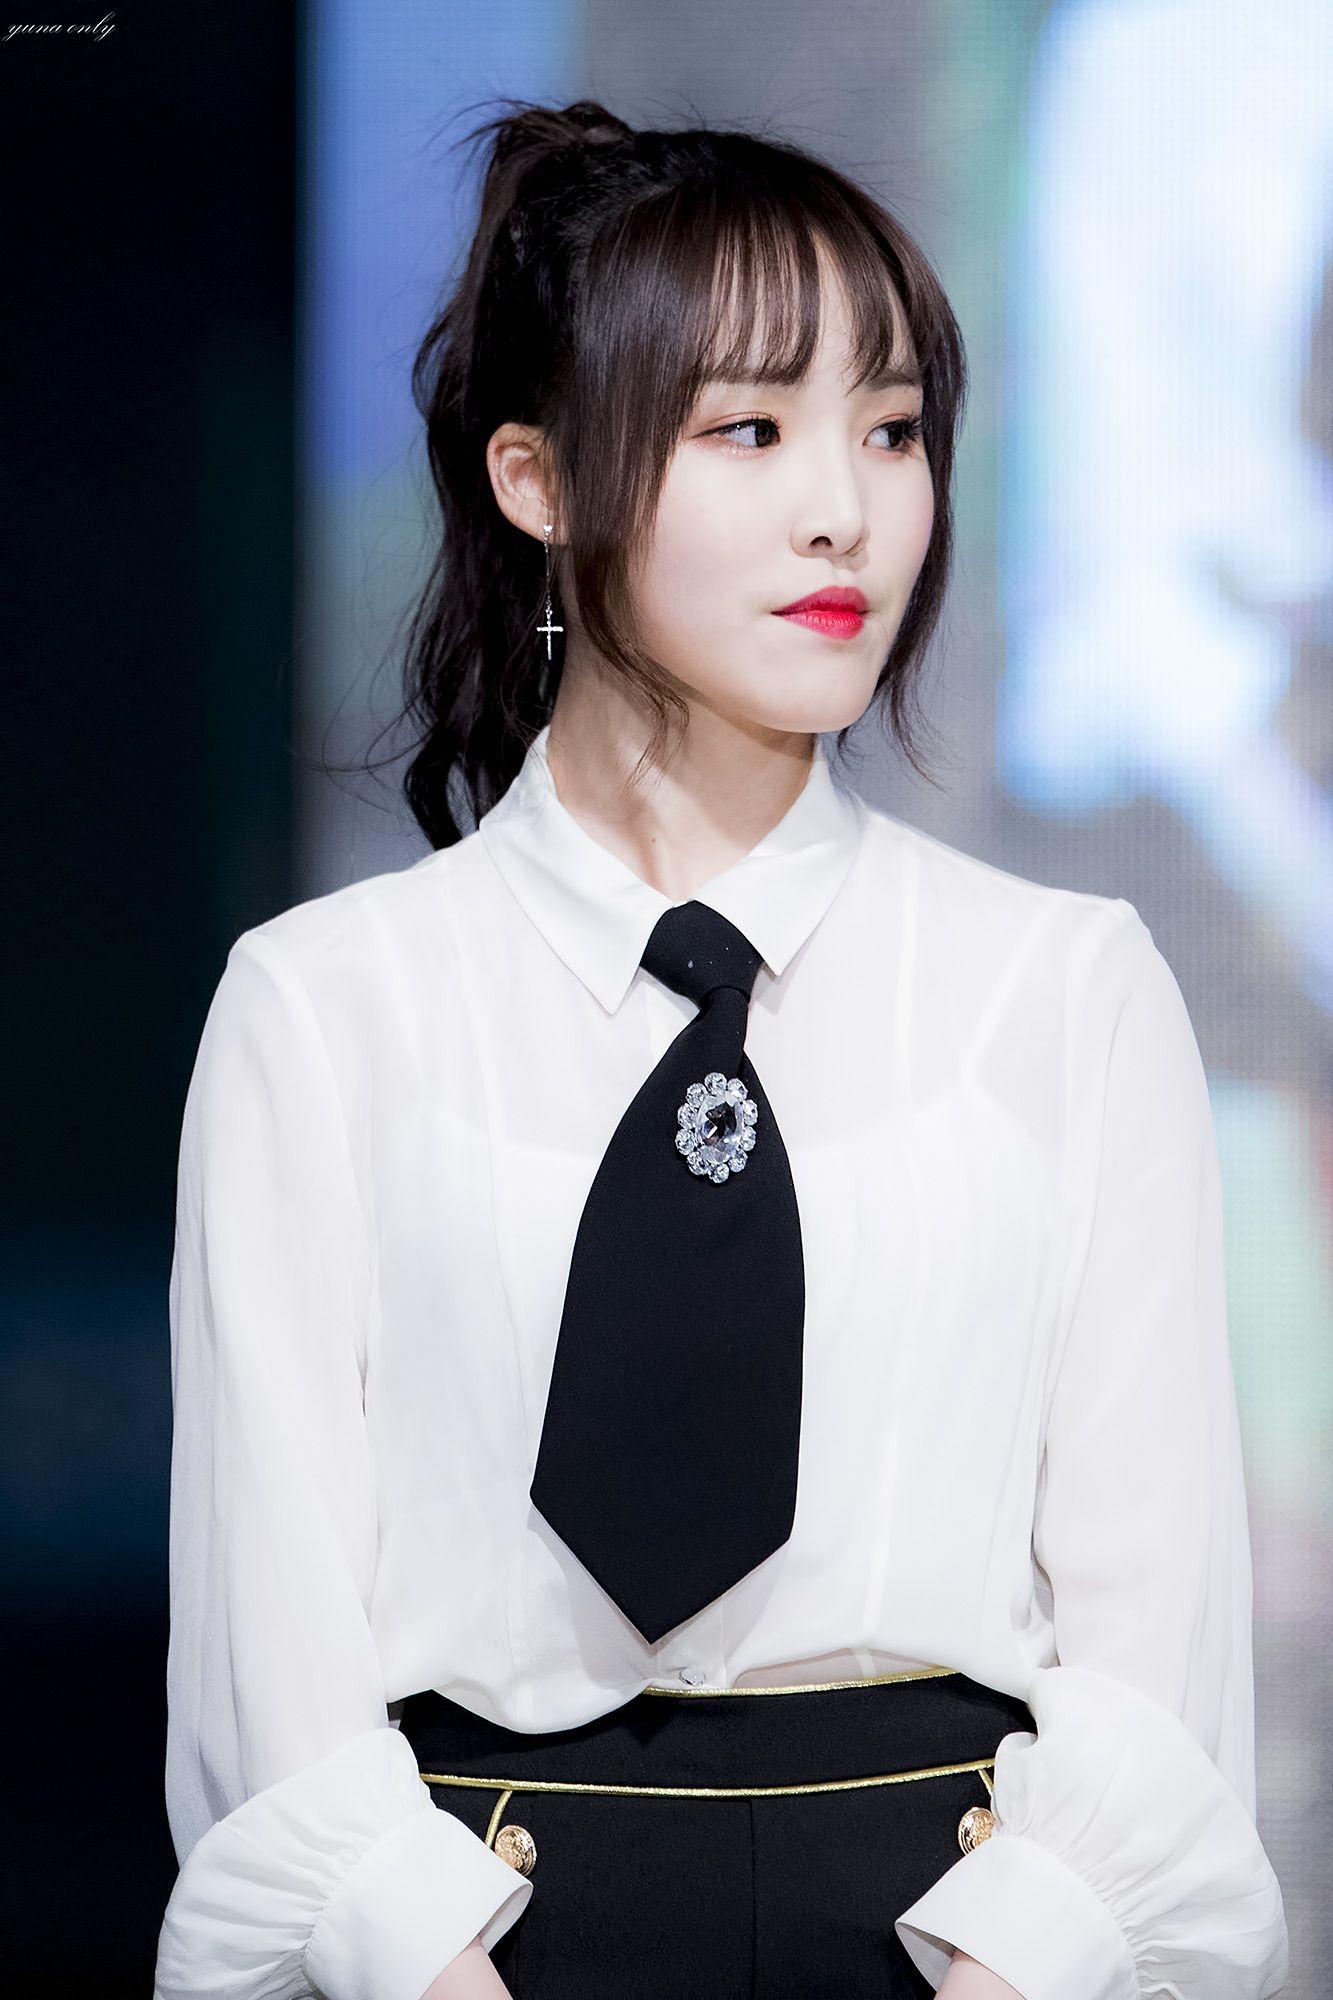 Pin Oleh Kpop Fn Di From Reddit